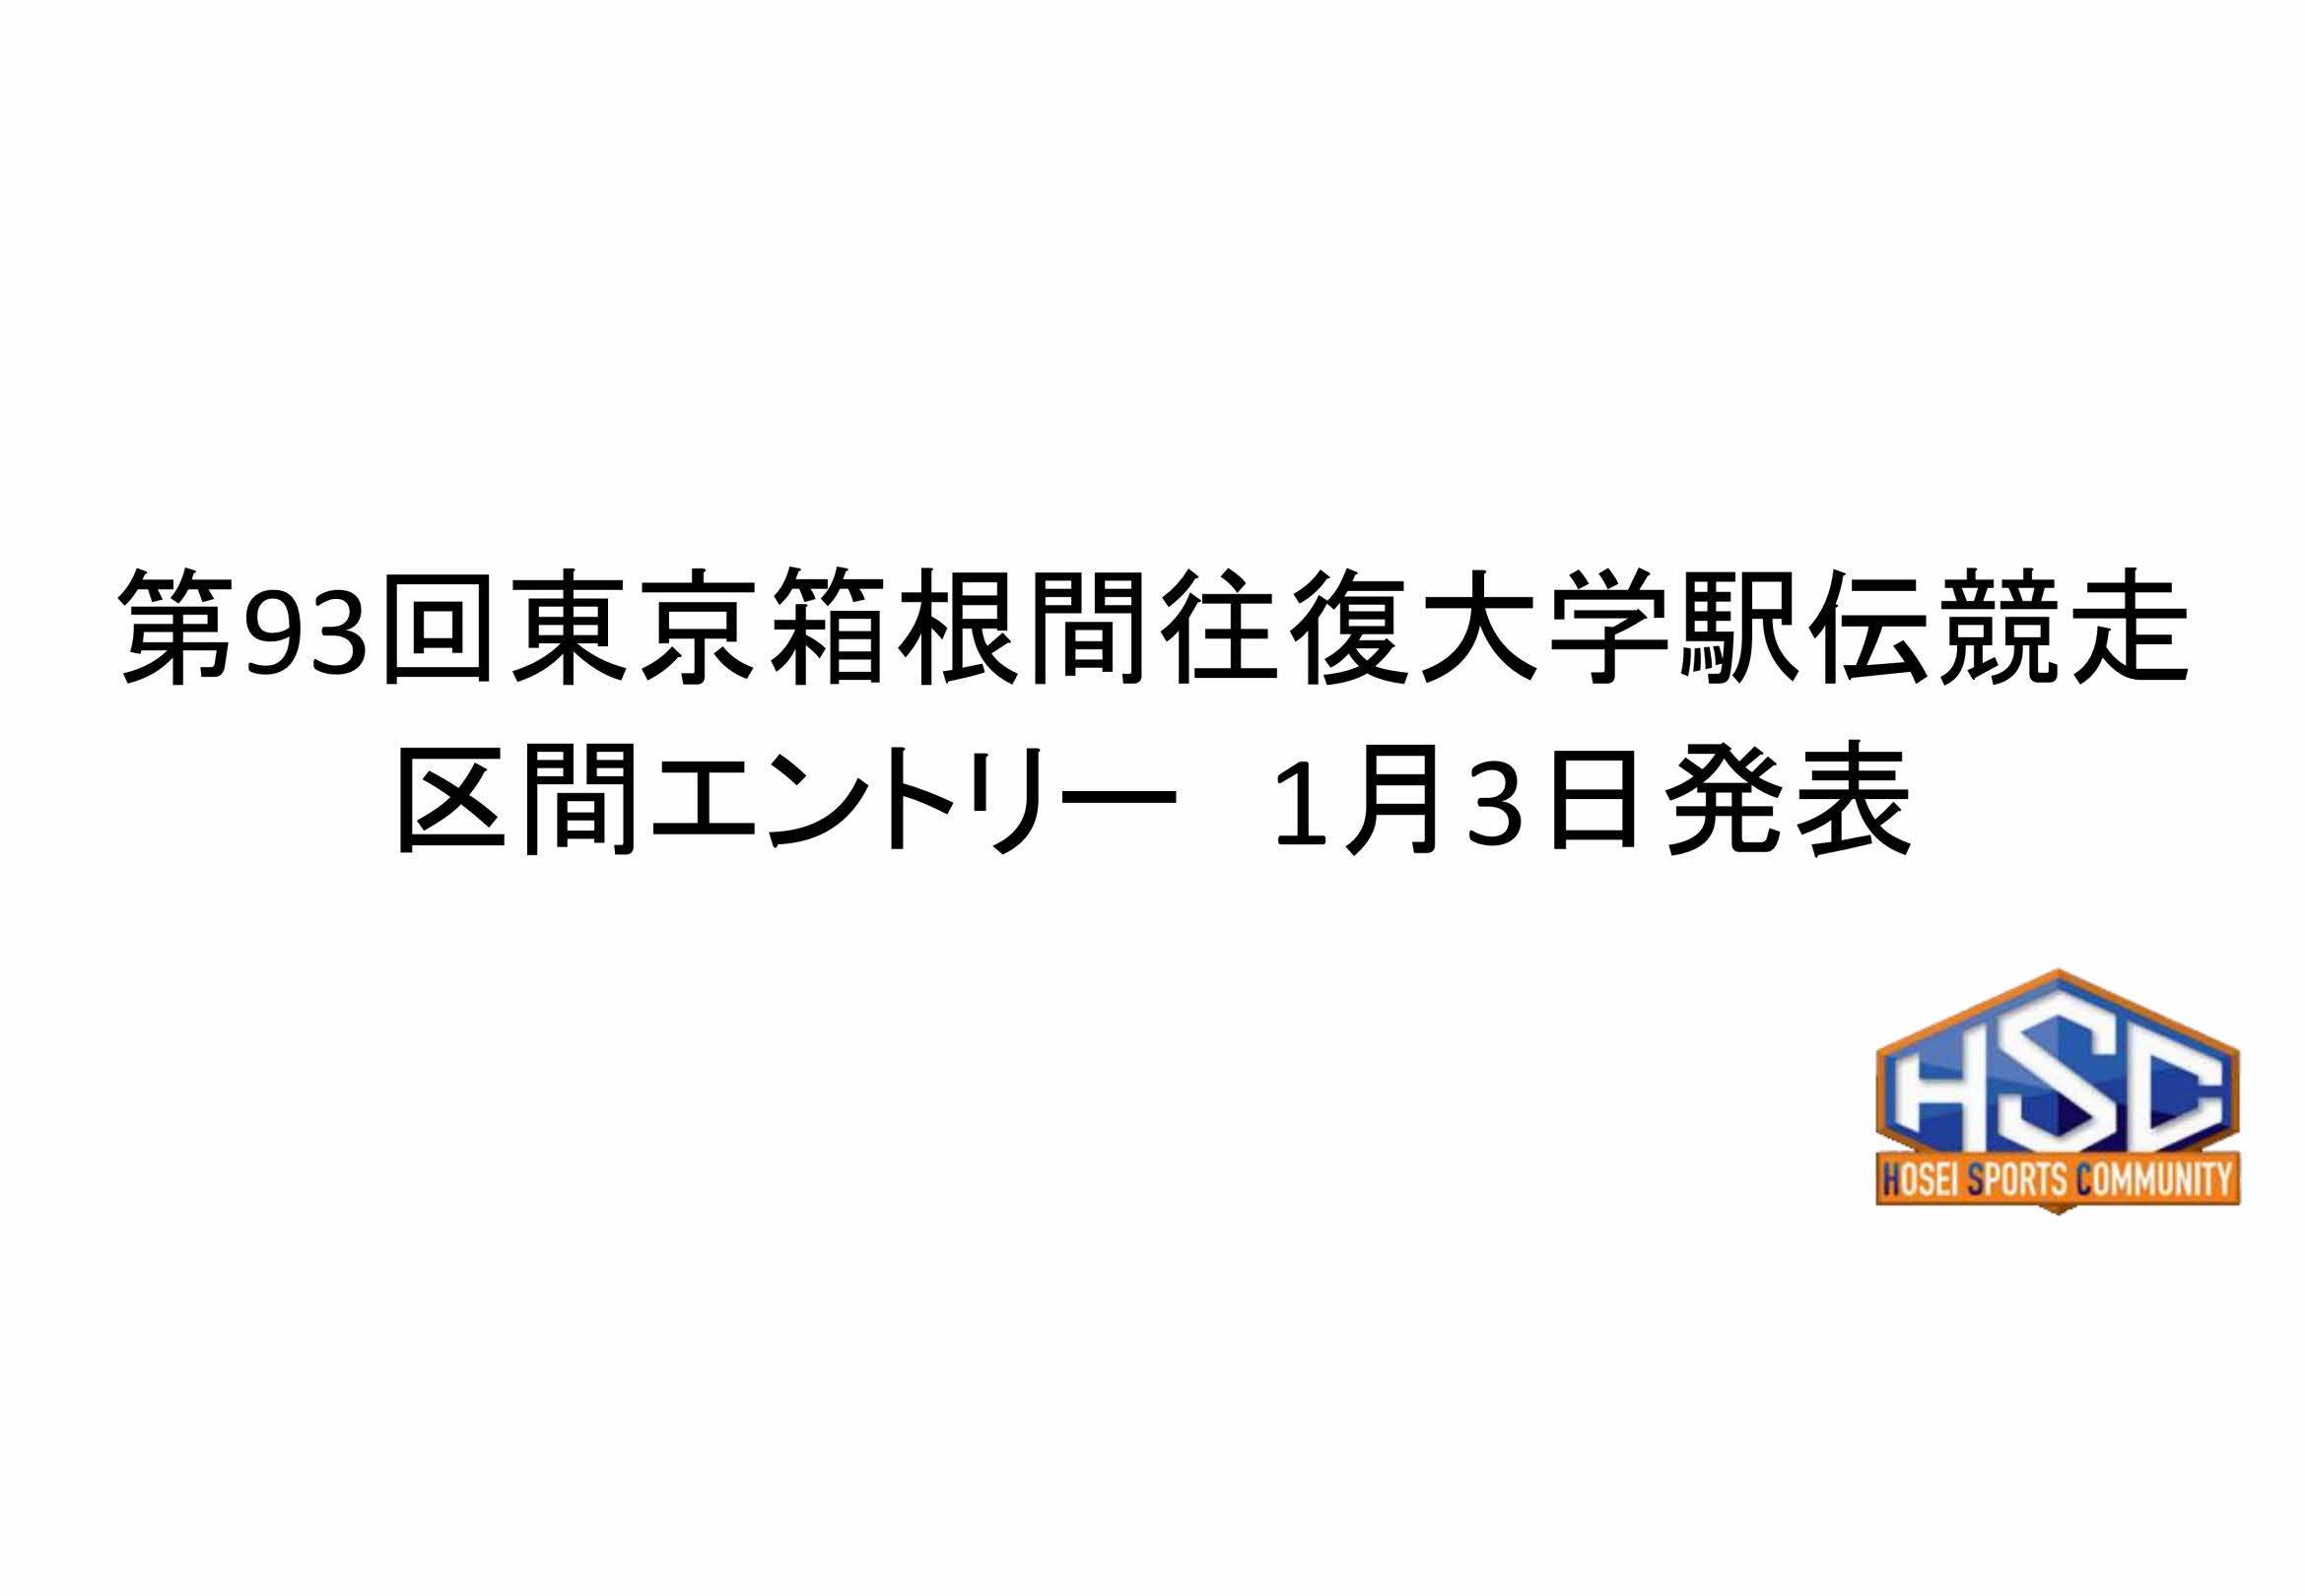 『第93回箱根駅伝』・法政大学区間エントリー〔発表:1月3日〕